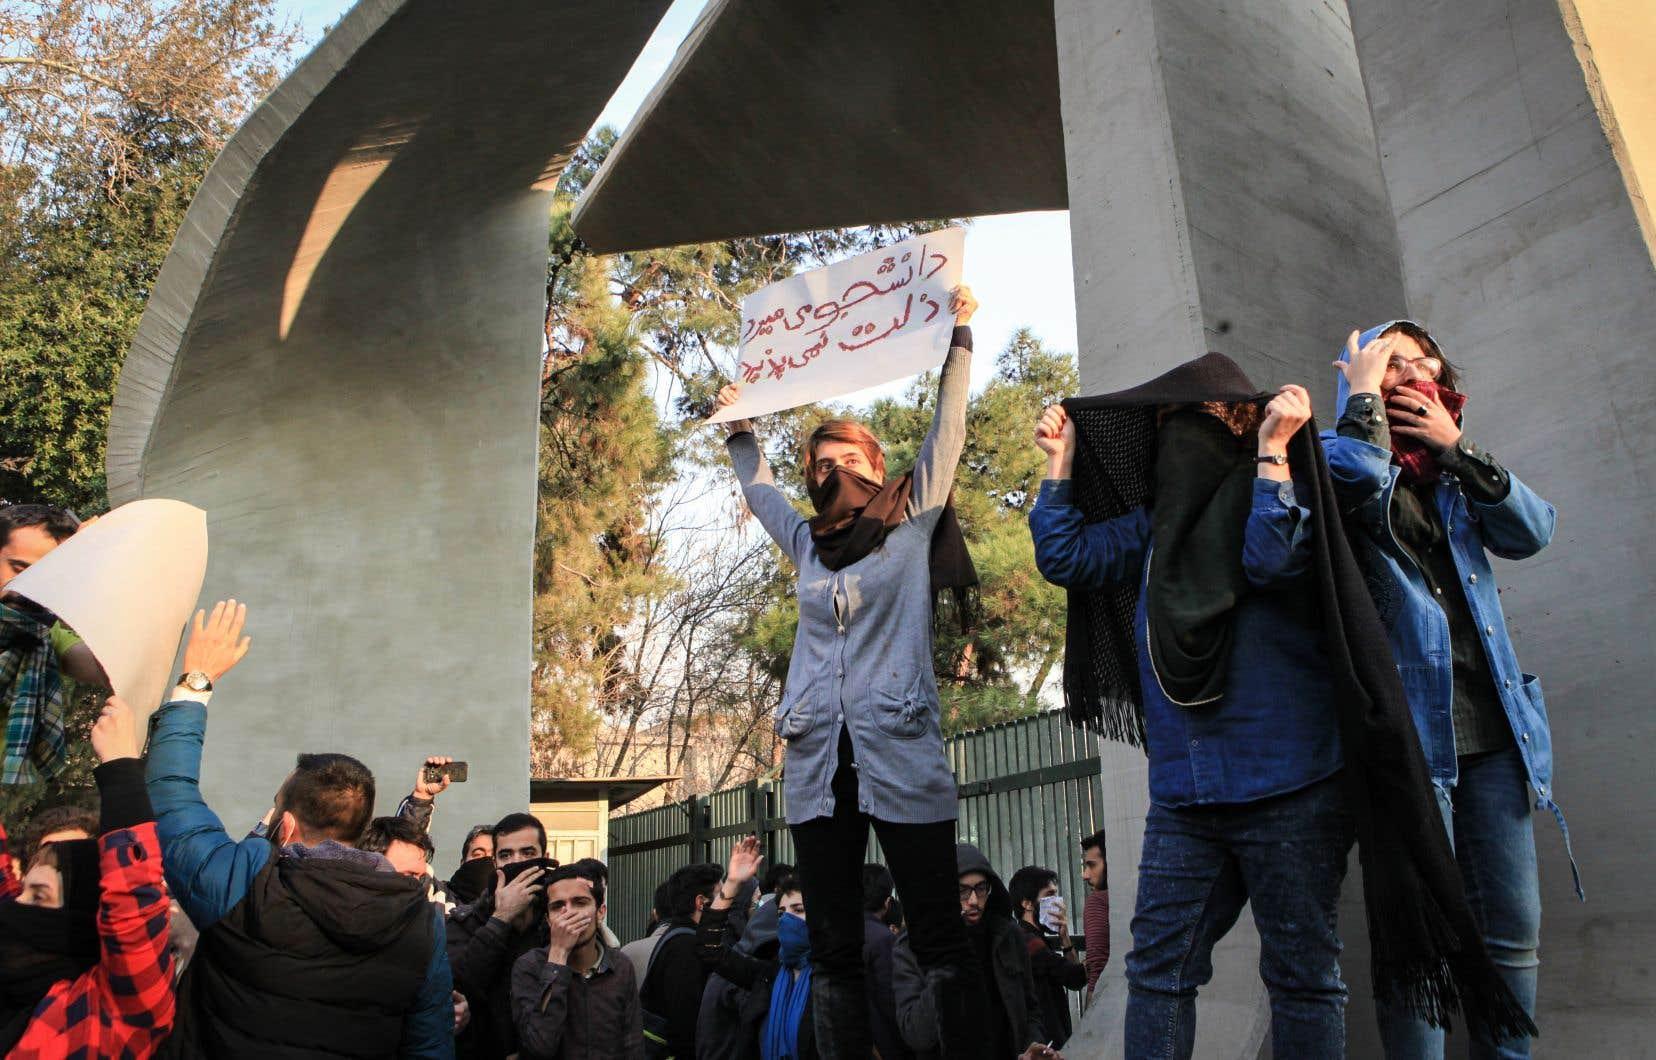 Certains experts doutent que les manifestations puissent être une menace sérieuse pour le régime, estimant qu'elles ne semblent pas obéir à une organisation claire.